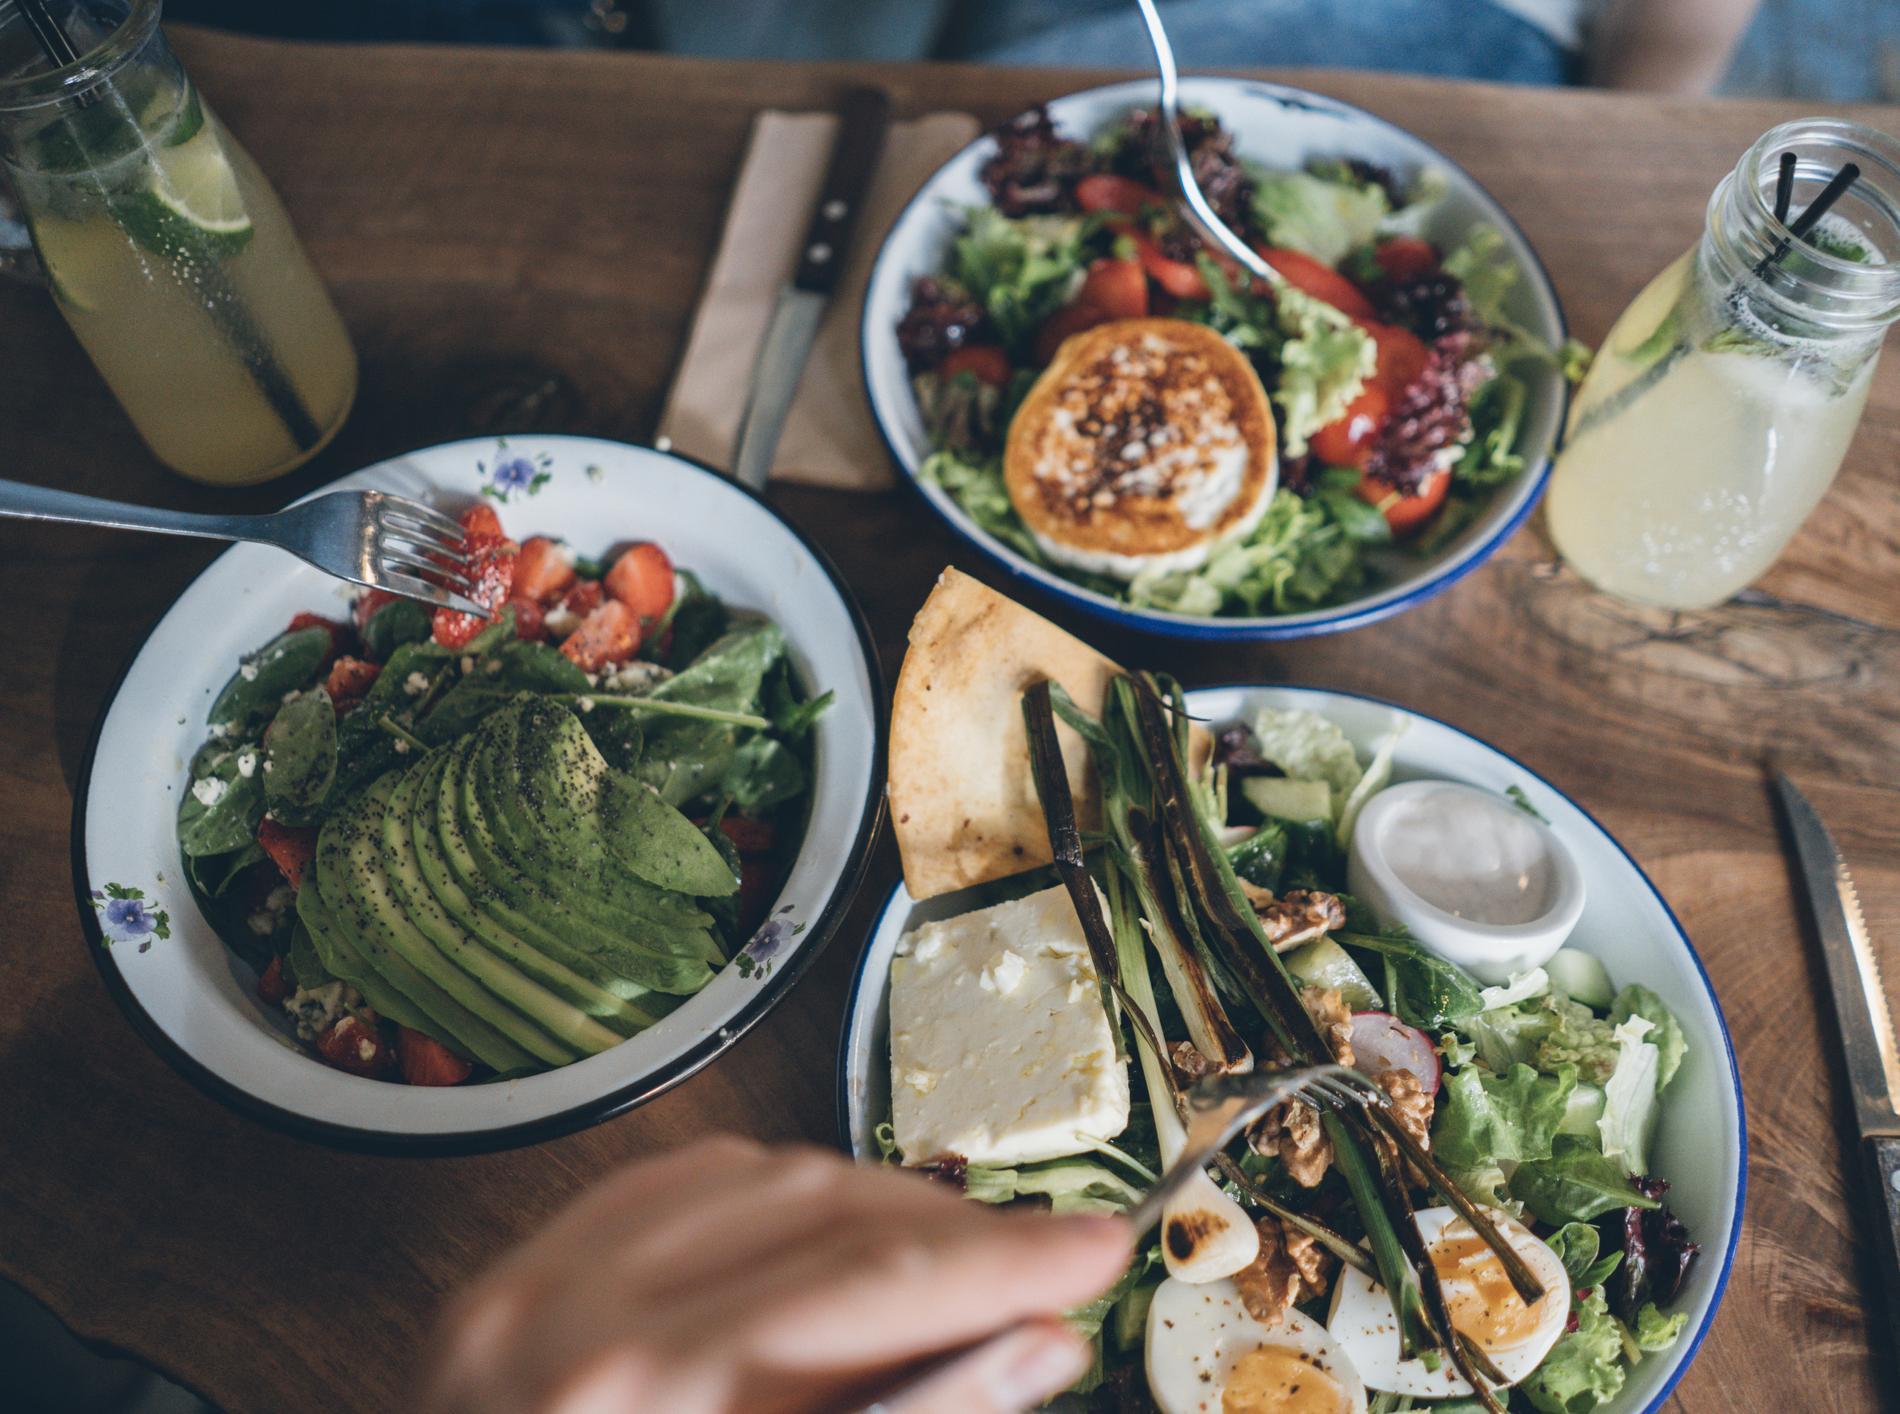 10 aliments à manger pour perdre du poids